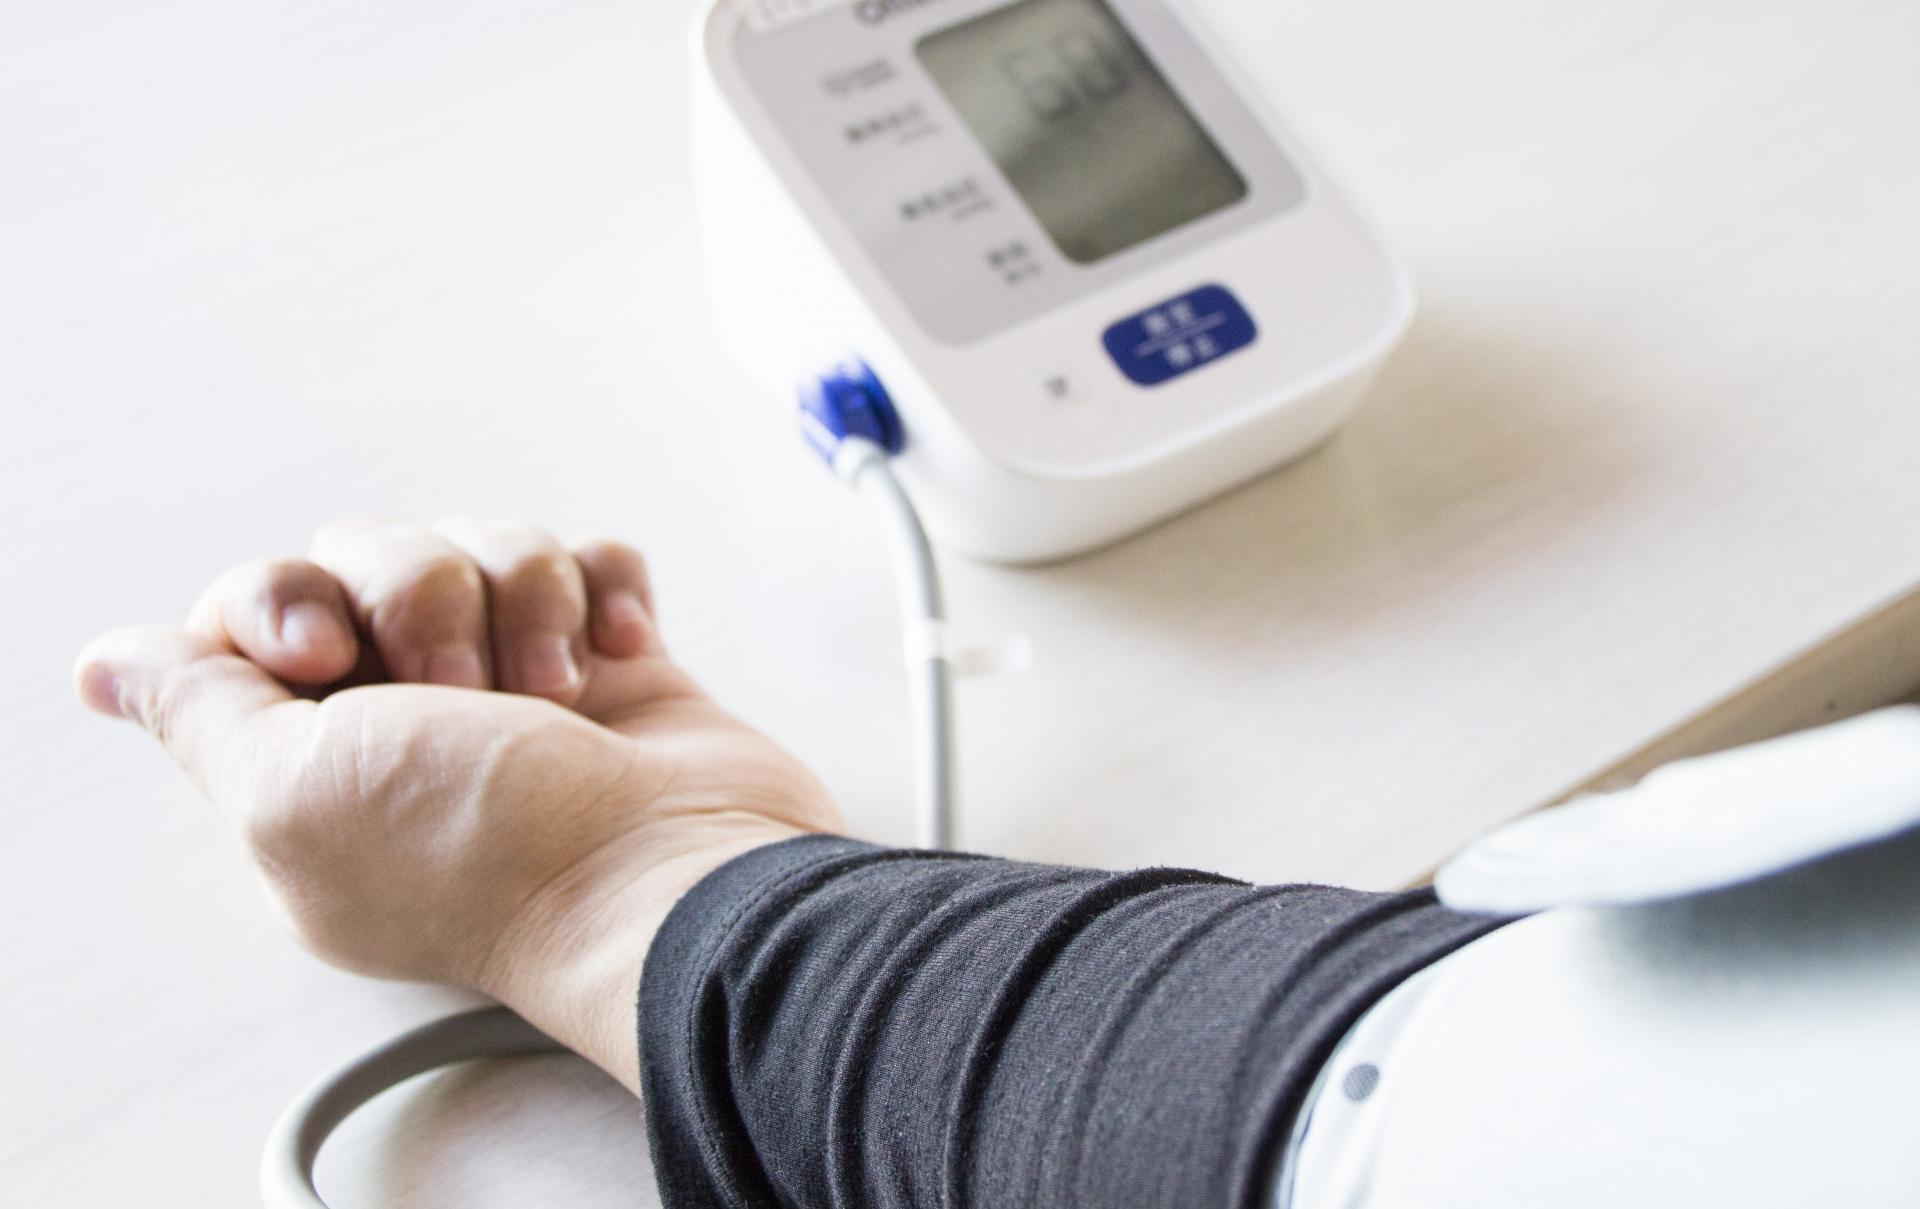 麻痺側で血圧測定をしてはいけないのか?